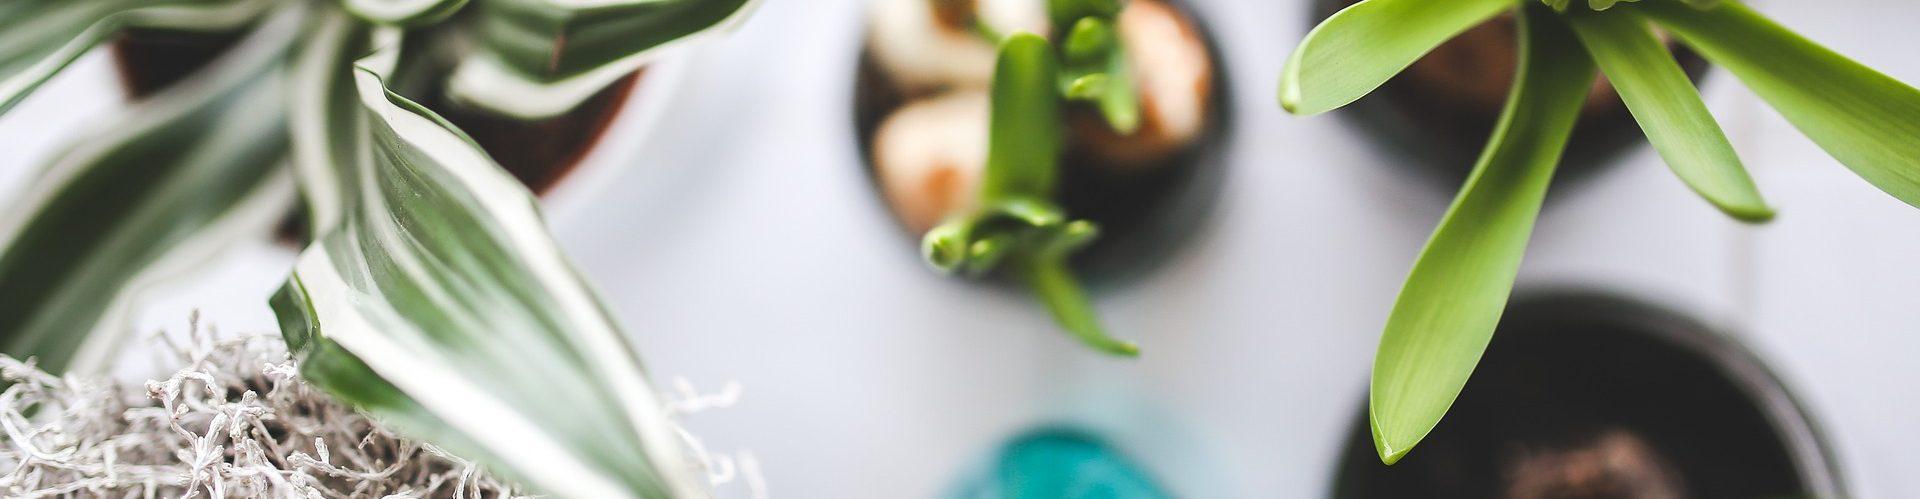 We Stijl 7 tips om tuin en interieur te verbinden